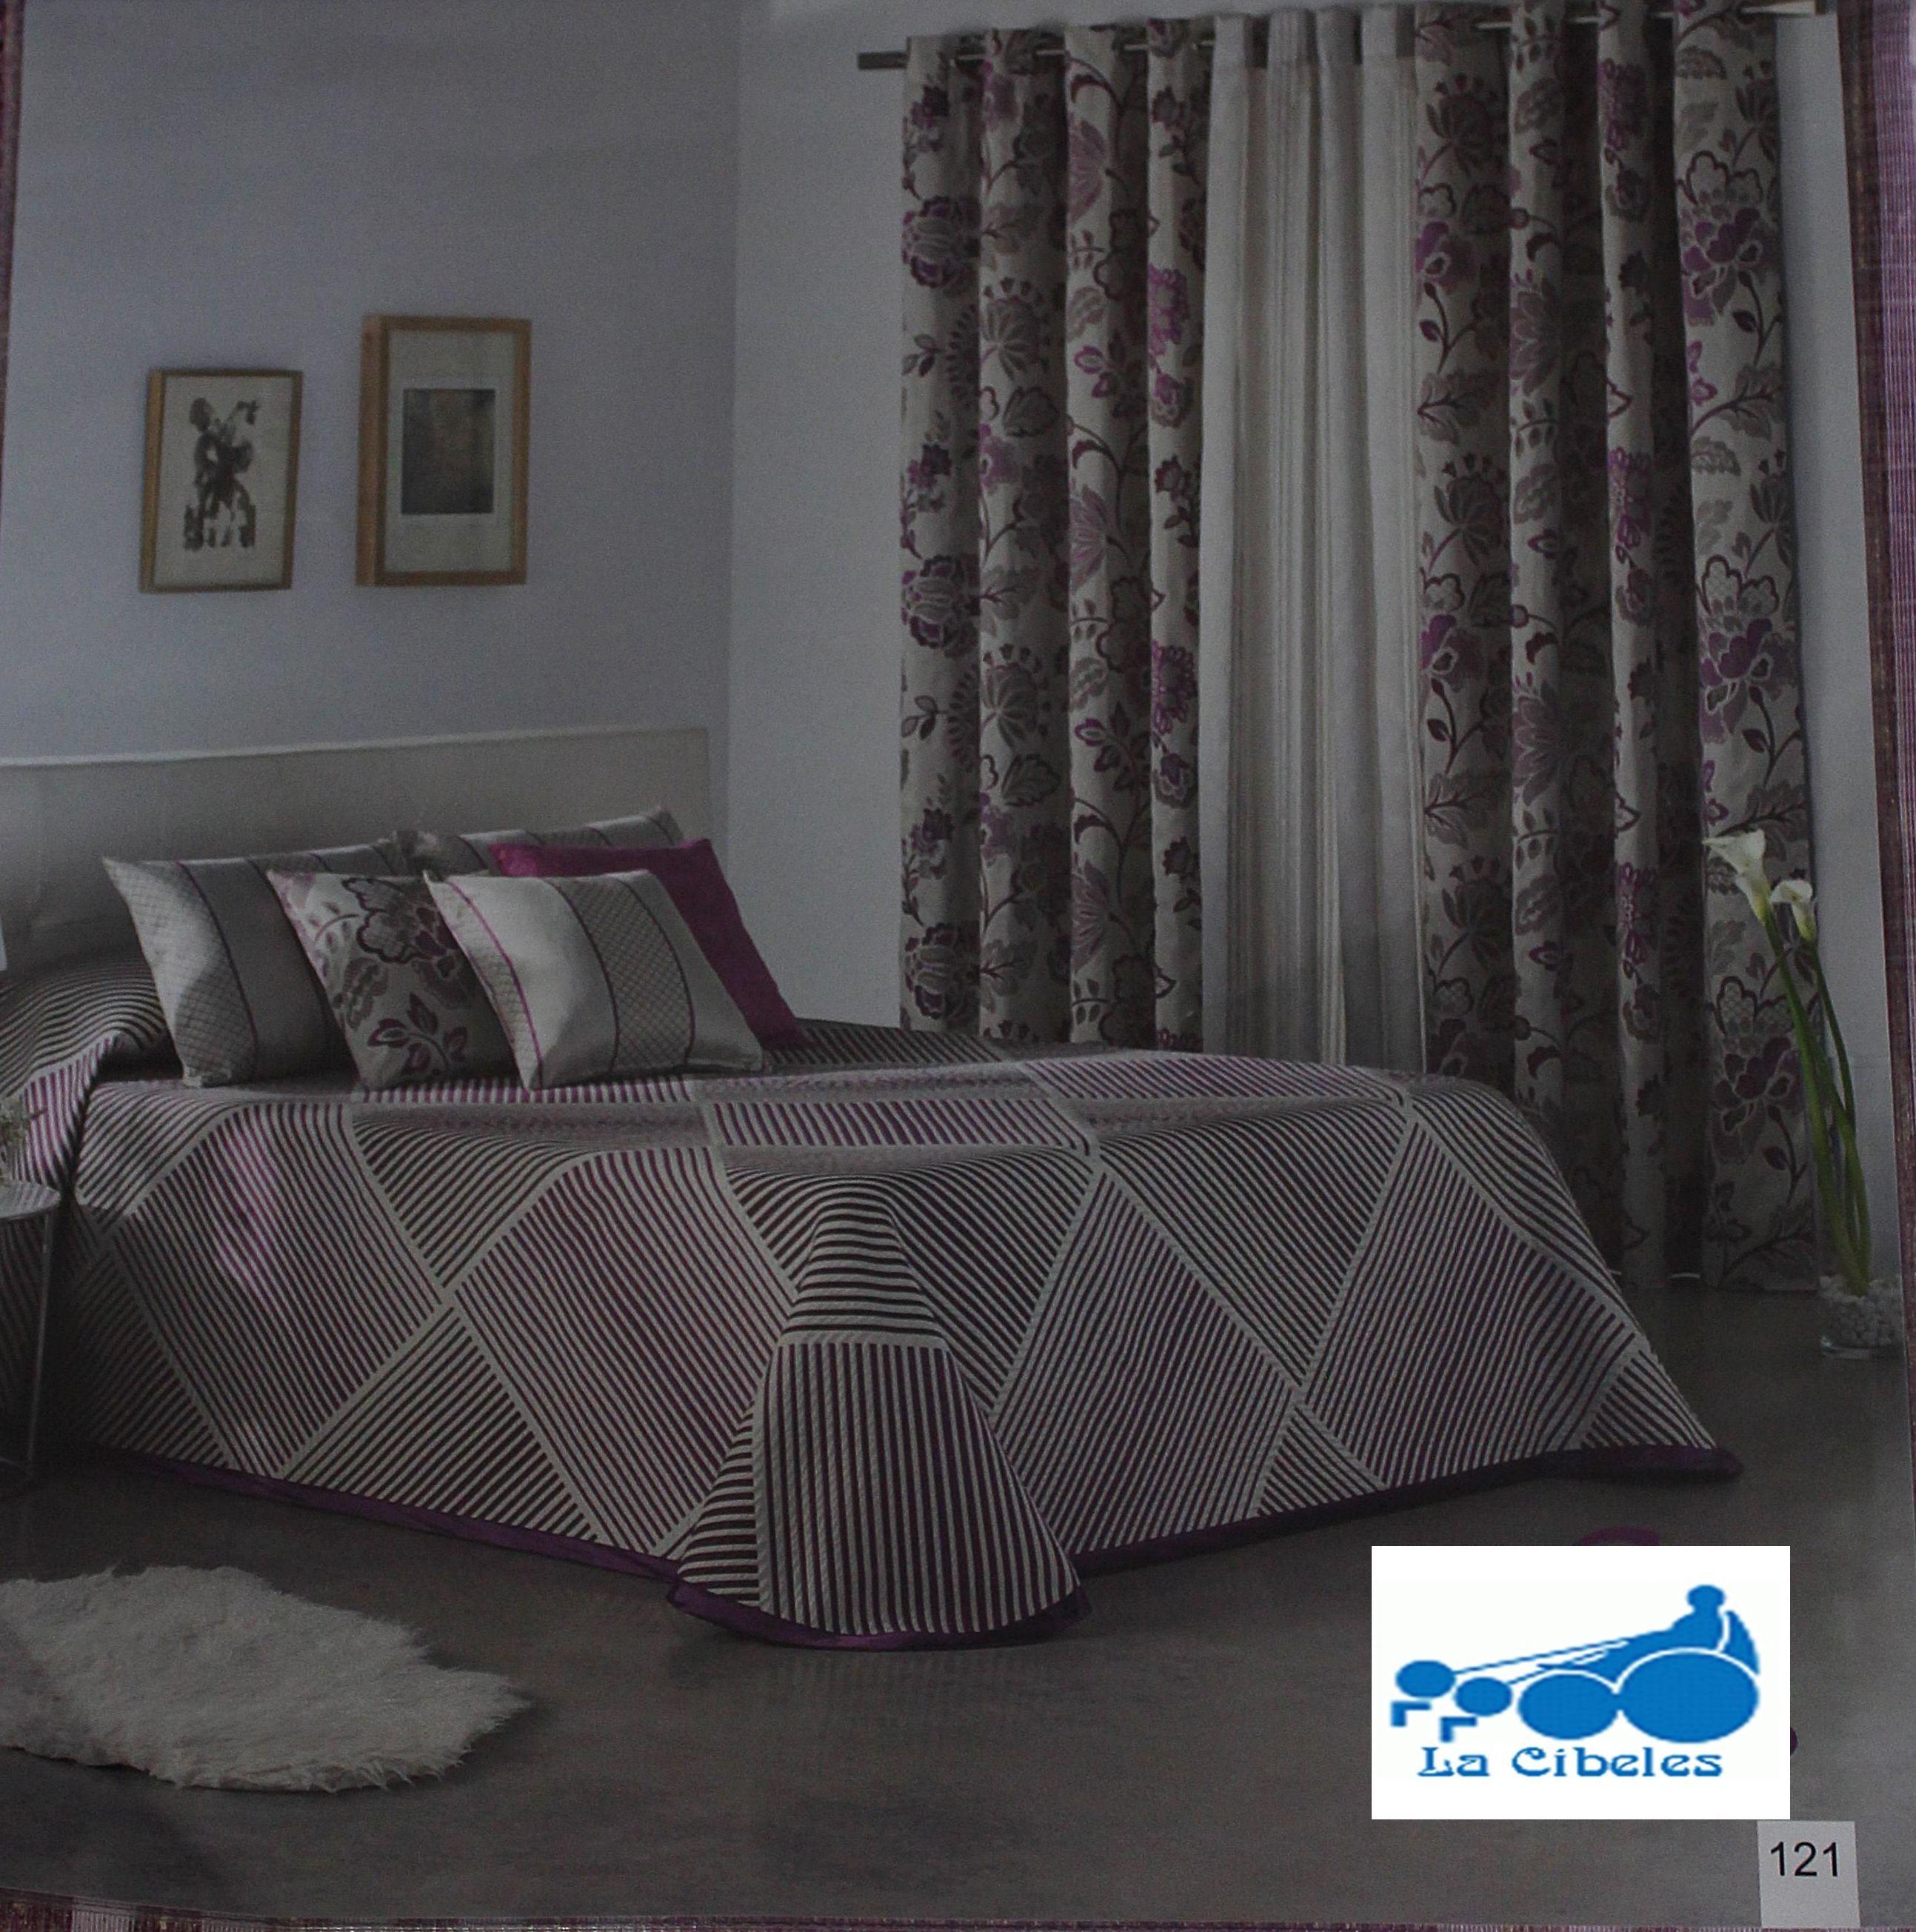 Estampados sofás, salas de estar, dormitorios. Confección de cortinas Tres Cantos.